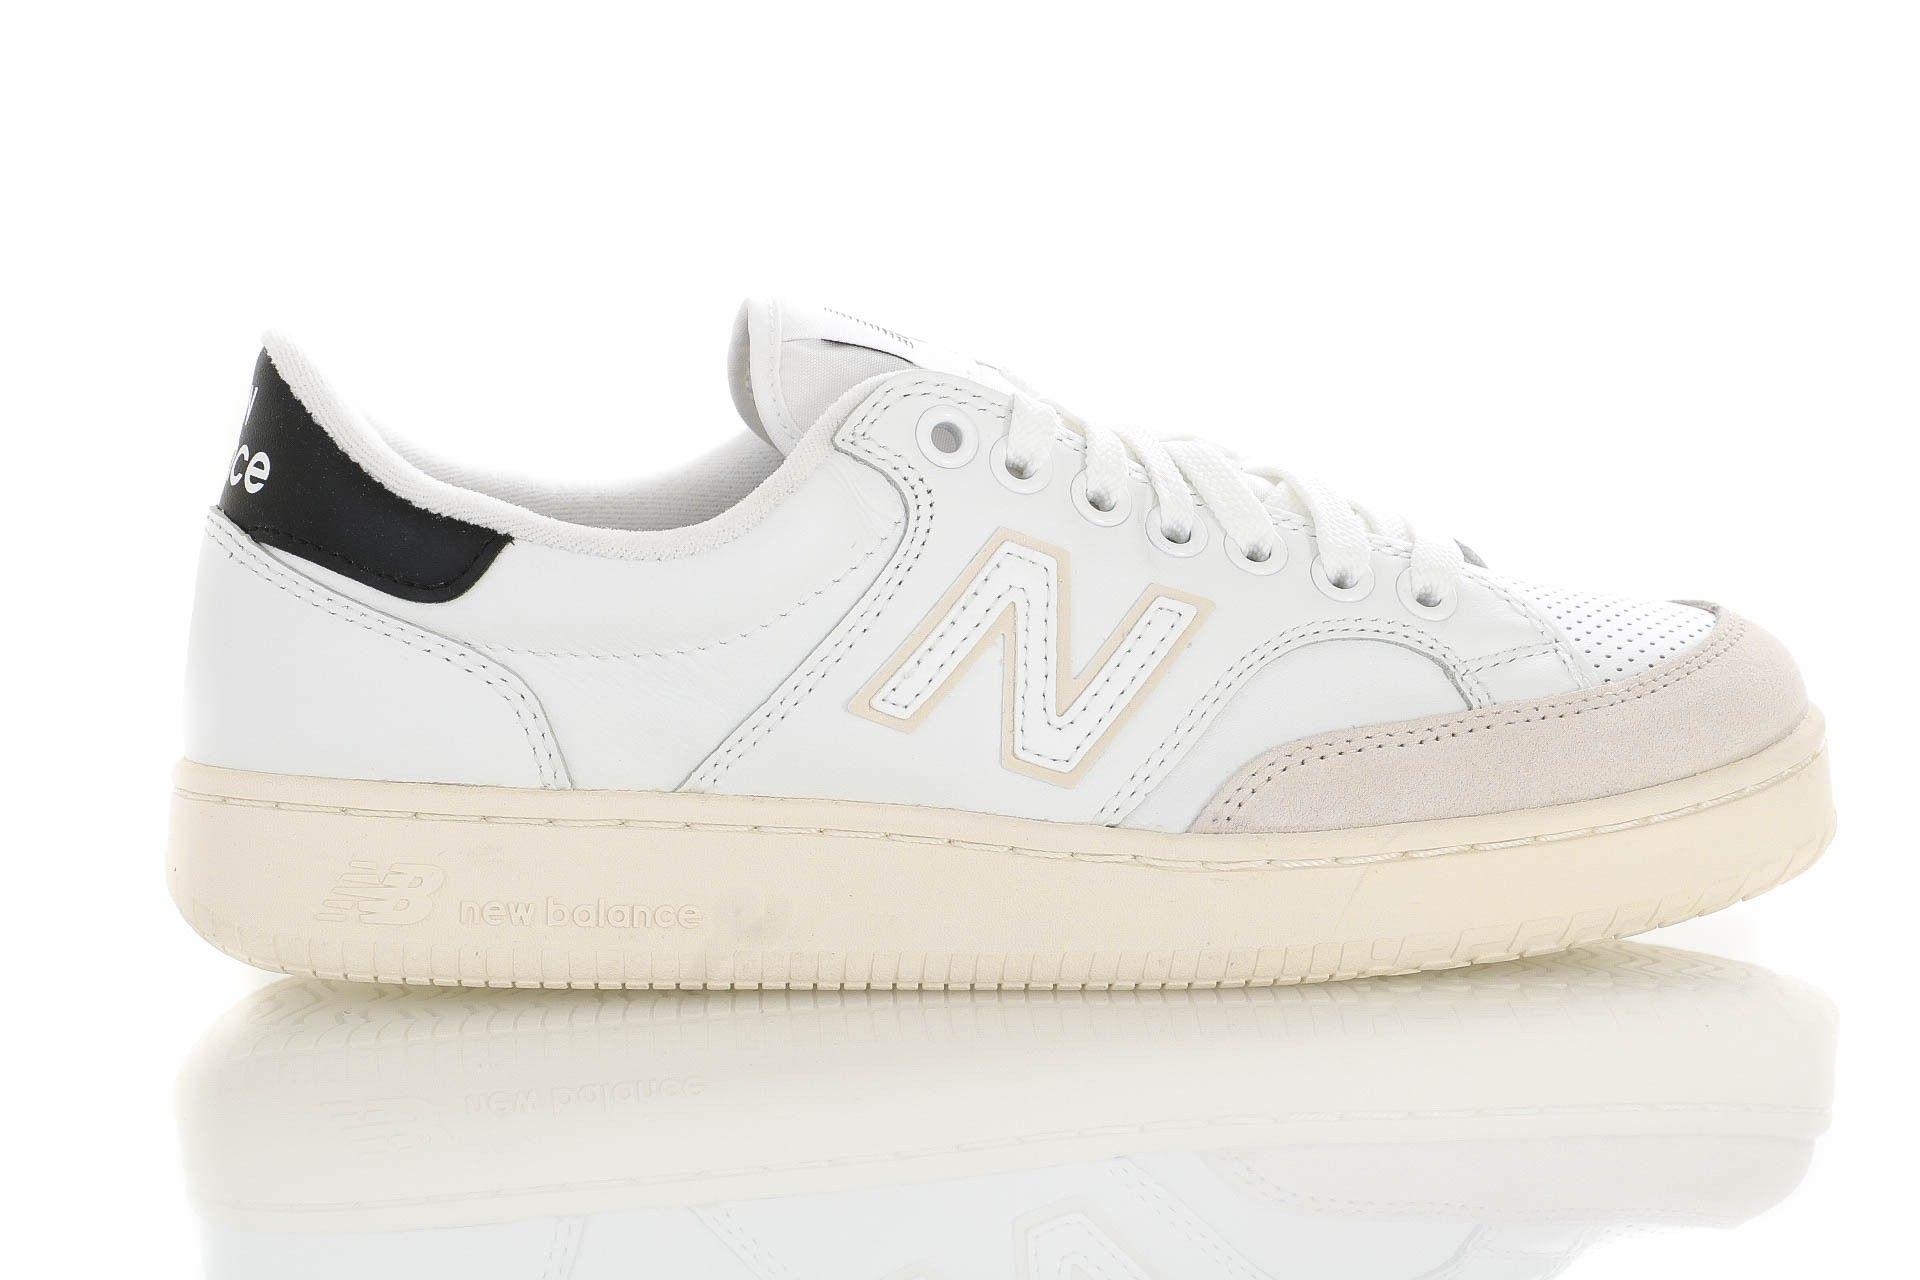 Afbeelding van New Balance Sneakers PROCTCBA 1070858 779121-60